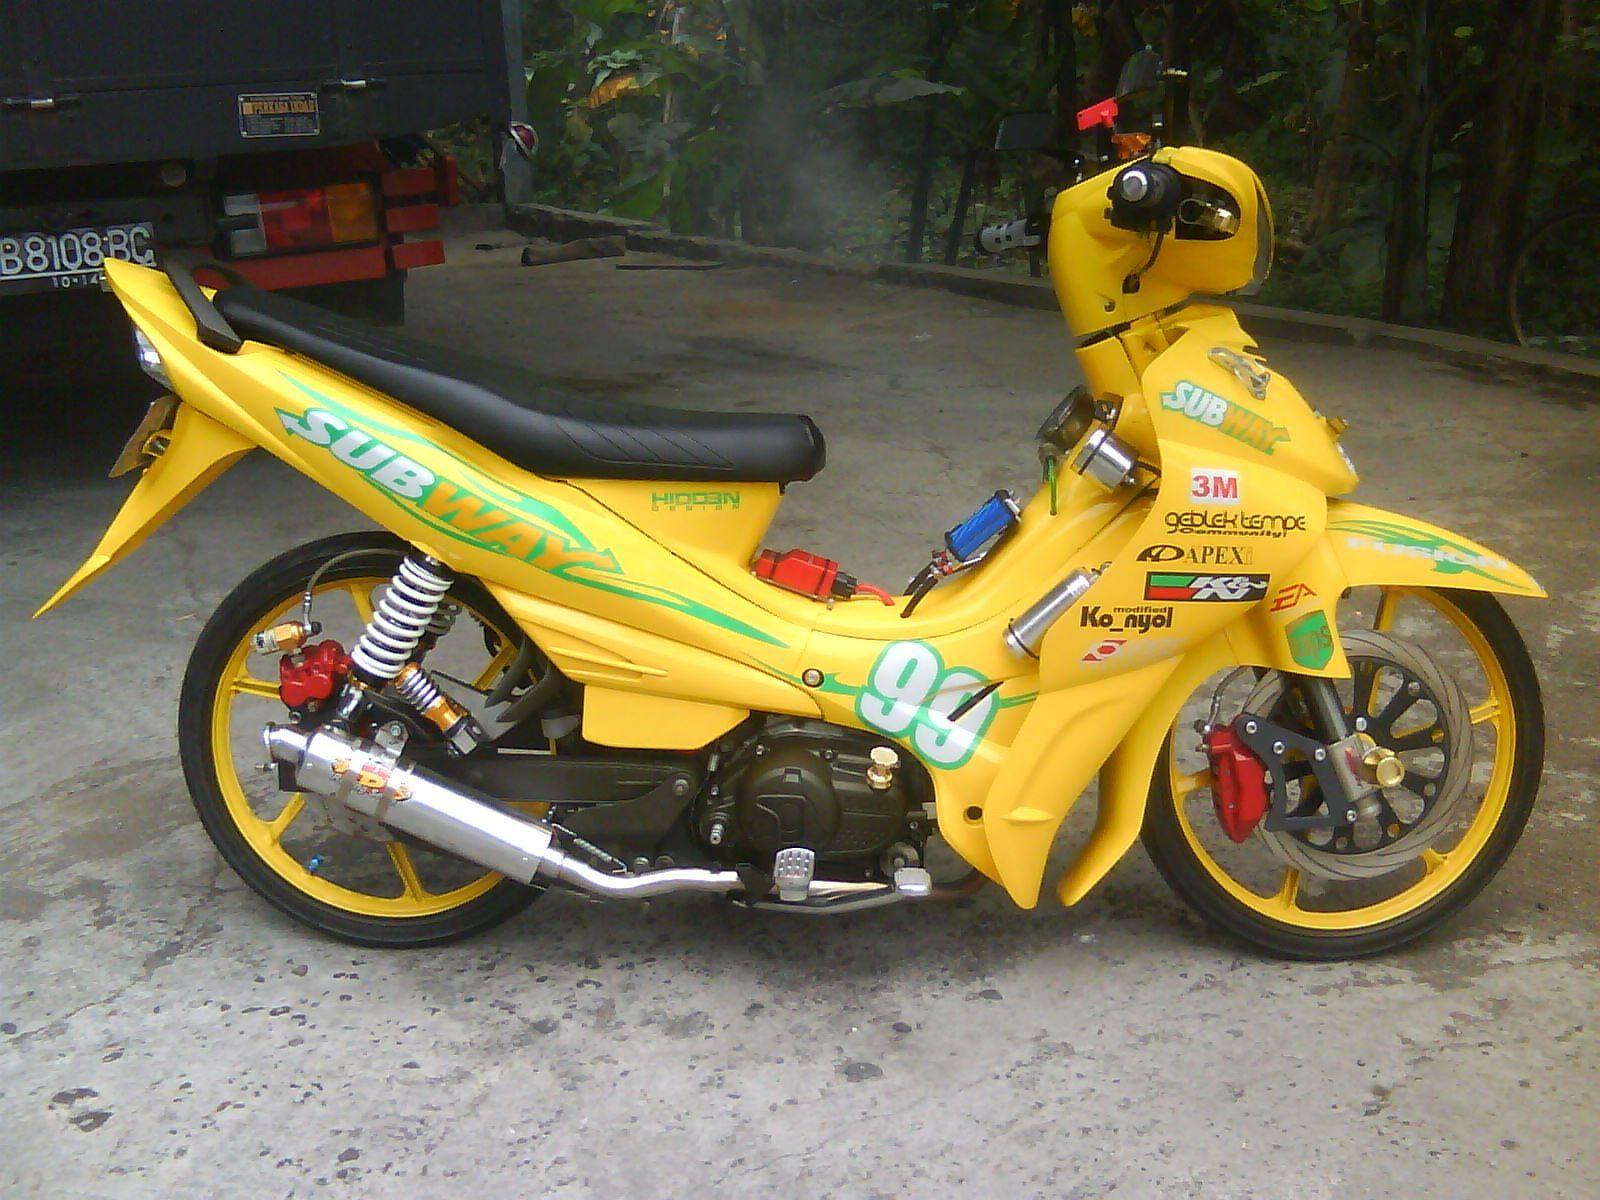 Koleksi Modifikasi Honda Beat Hitam Kuning Terbaru Kewak Motor